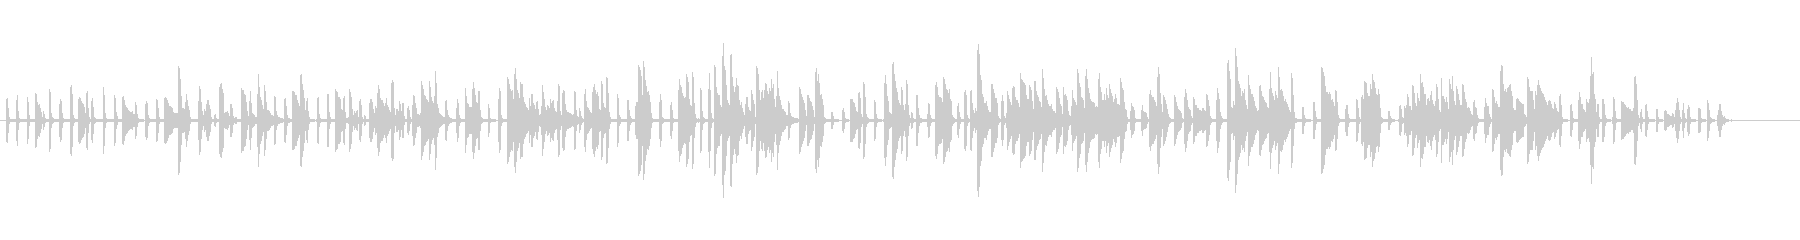 ワクワクするようなピアノソロの未再生の波形